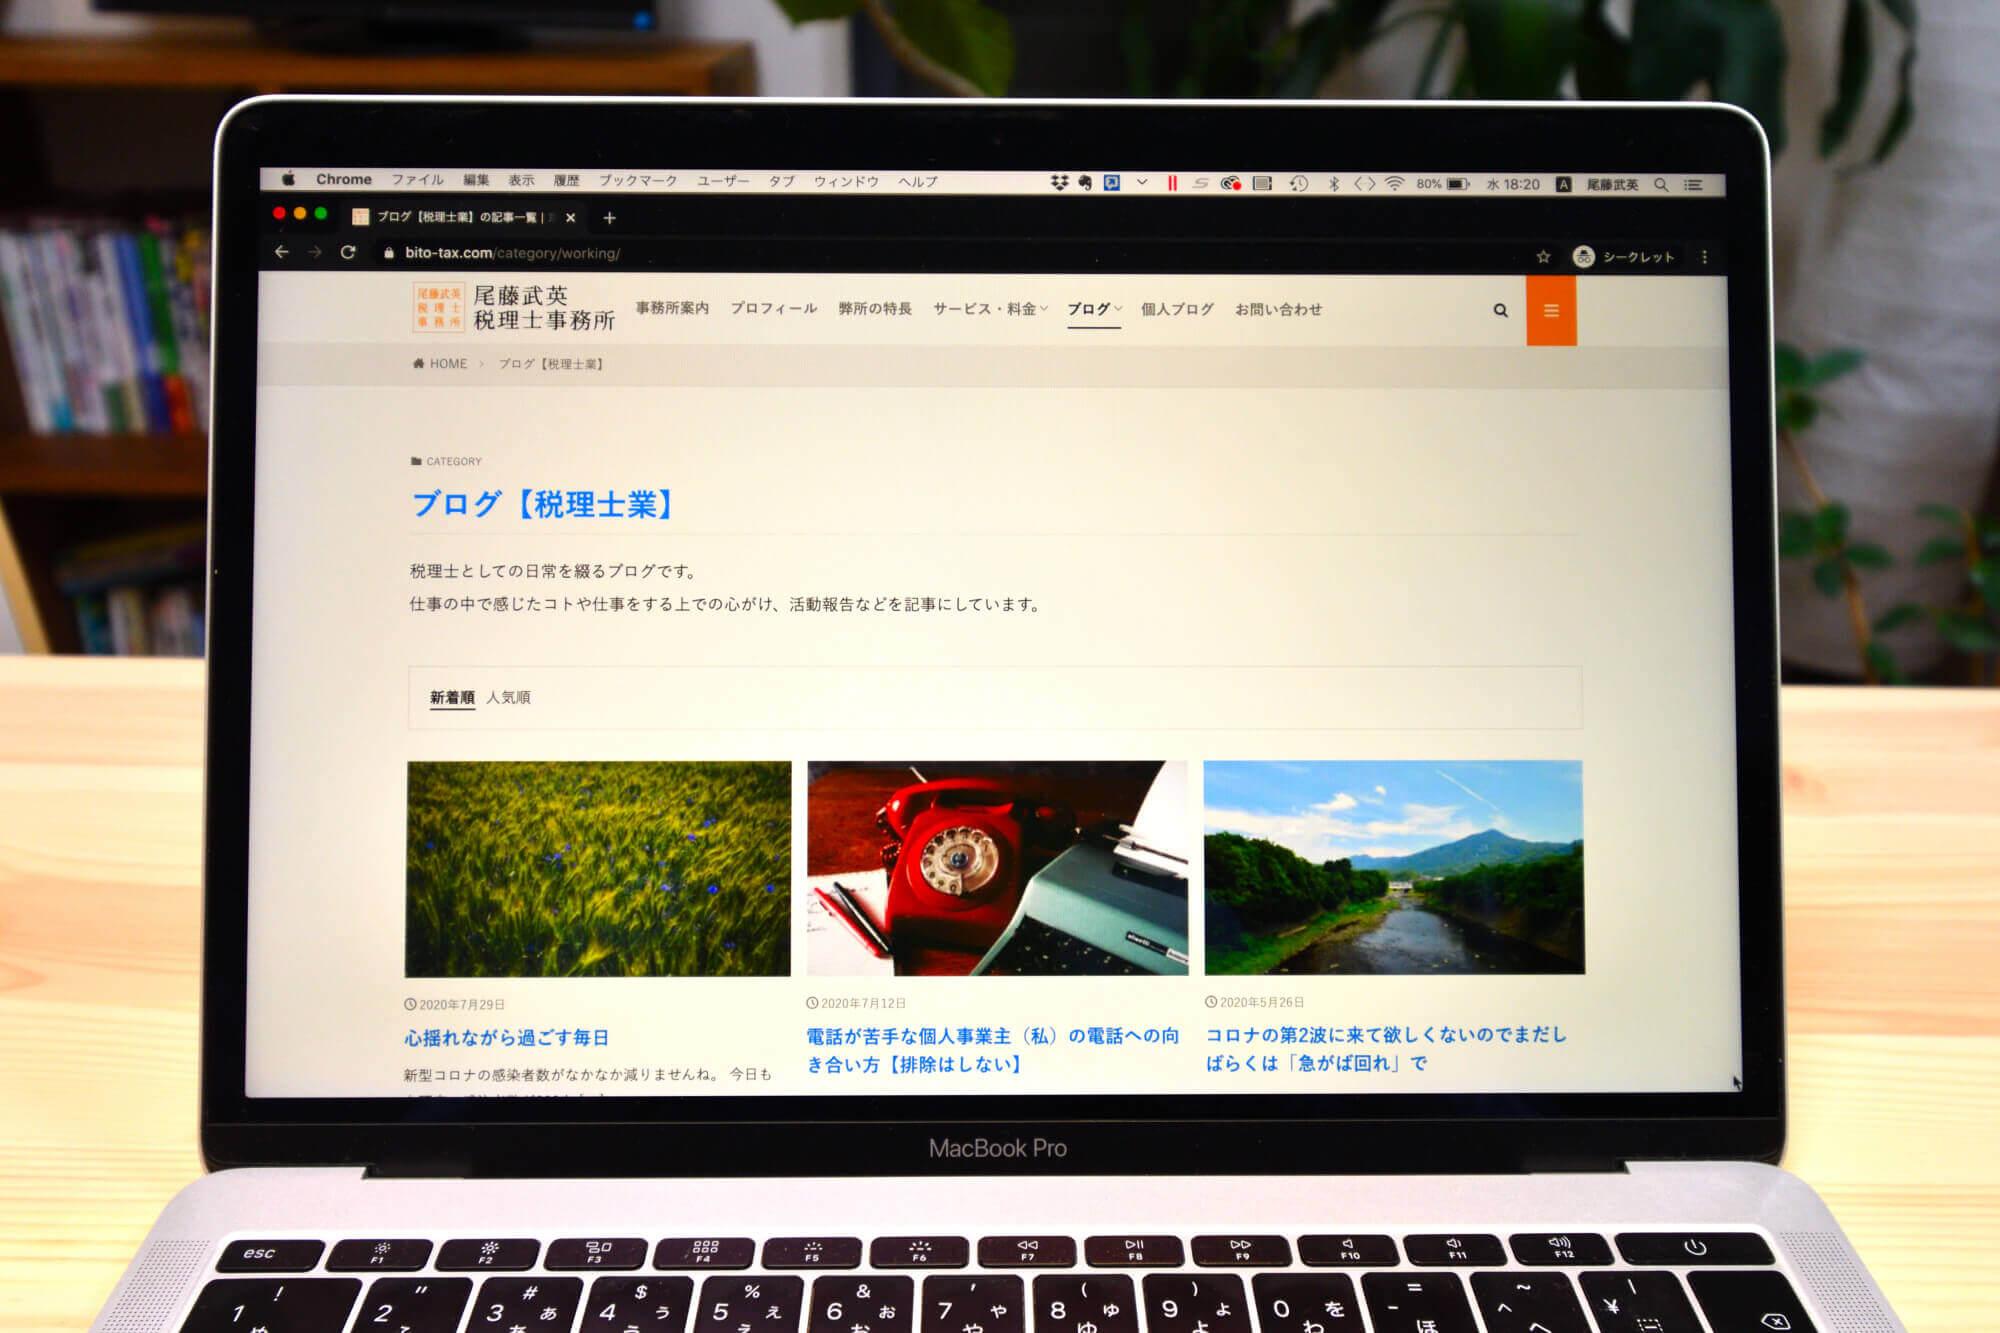 仕事に関するブログ記事をホームページへ